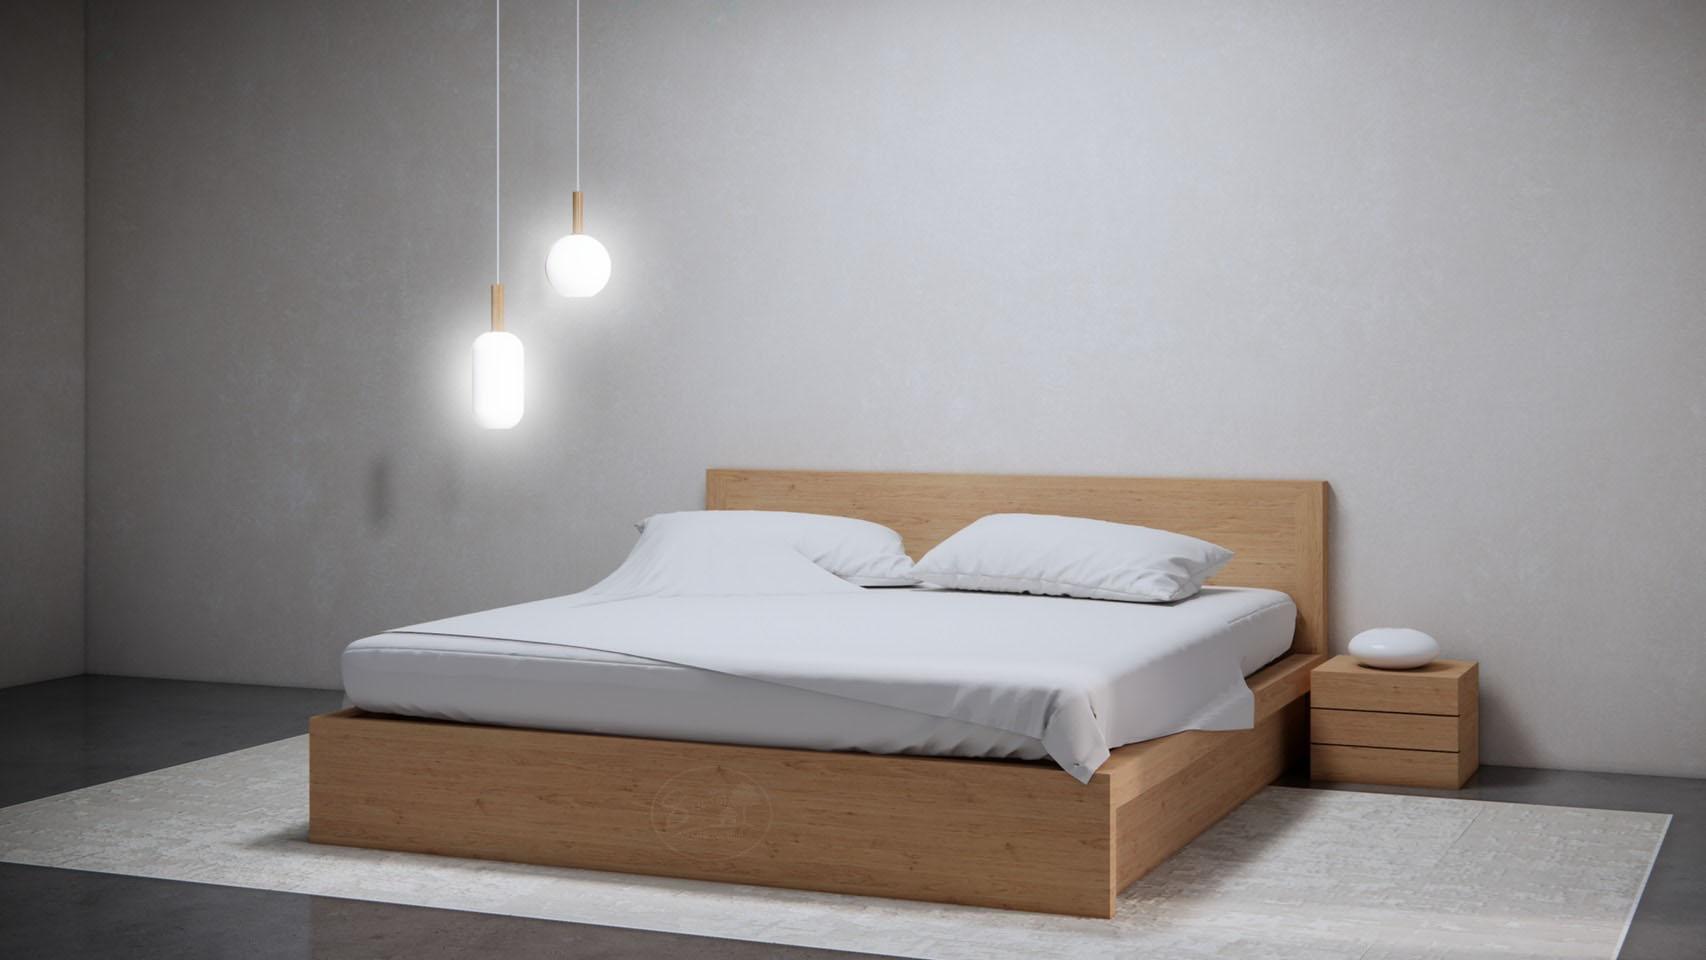 KR120 Box Bed - เตียงนอนสไตล์กล่อง